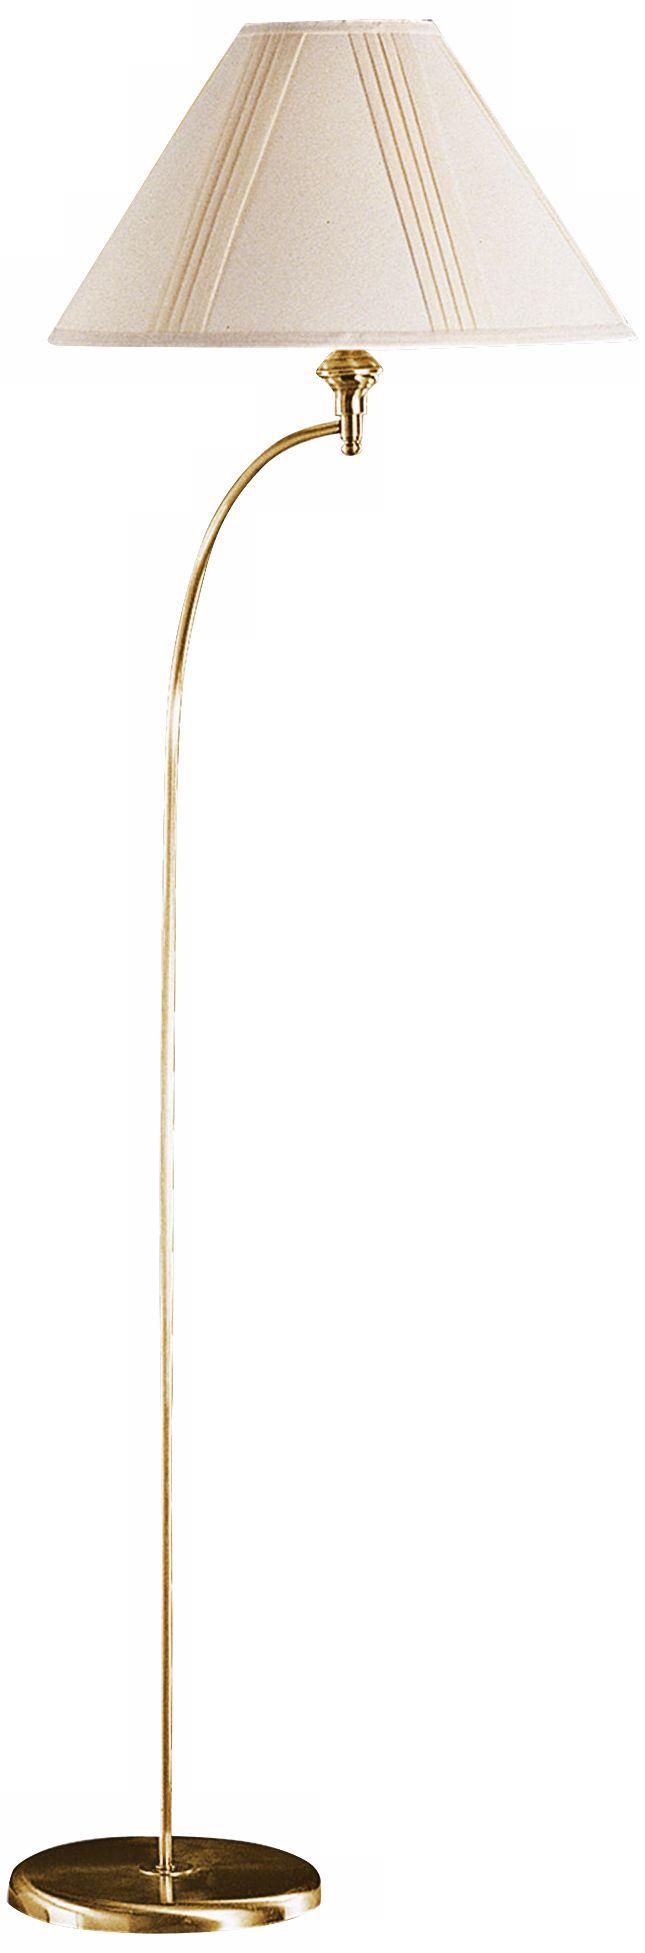 parcin antique brass mini arc floor lamp